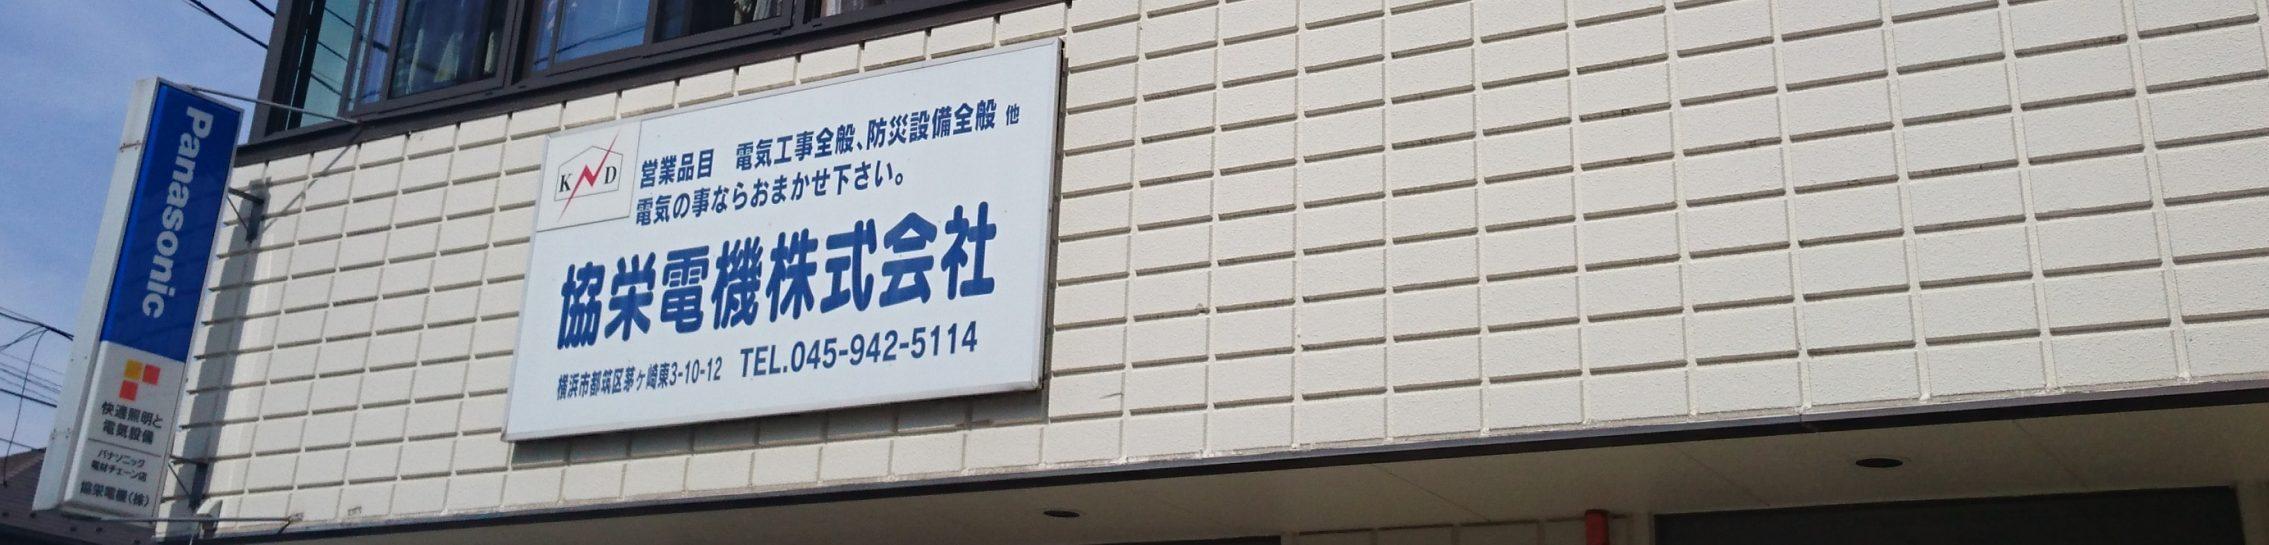 電気のことなら協栄電機 - 神奈川近郊の電気のことなら協栄電機にお任せください